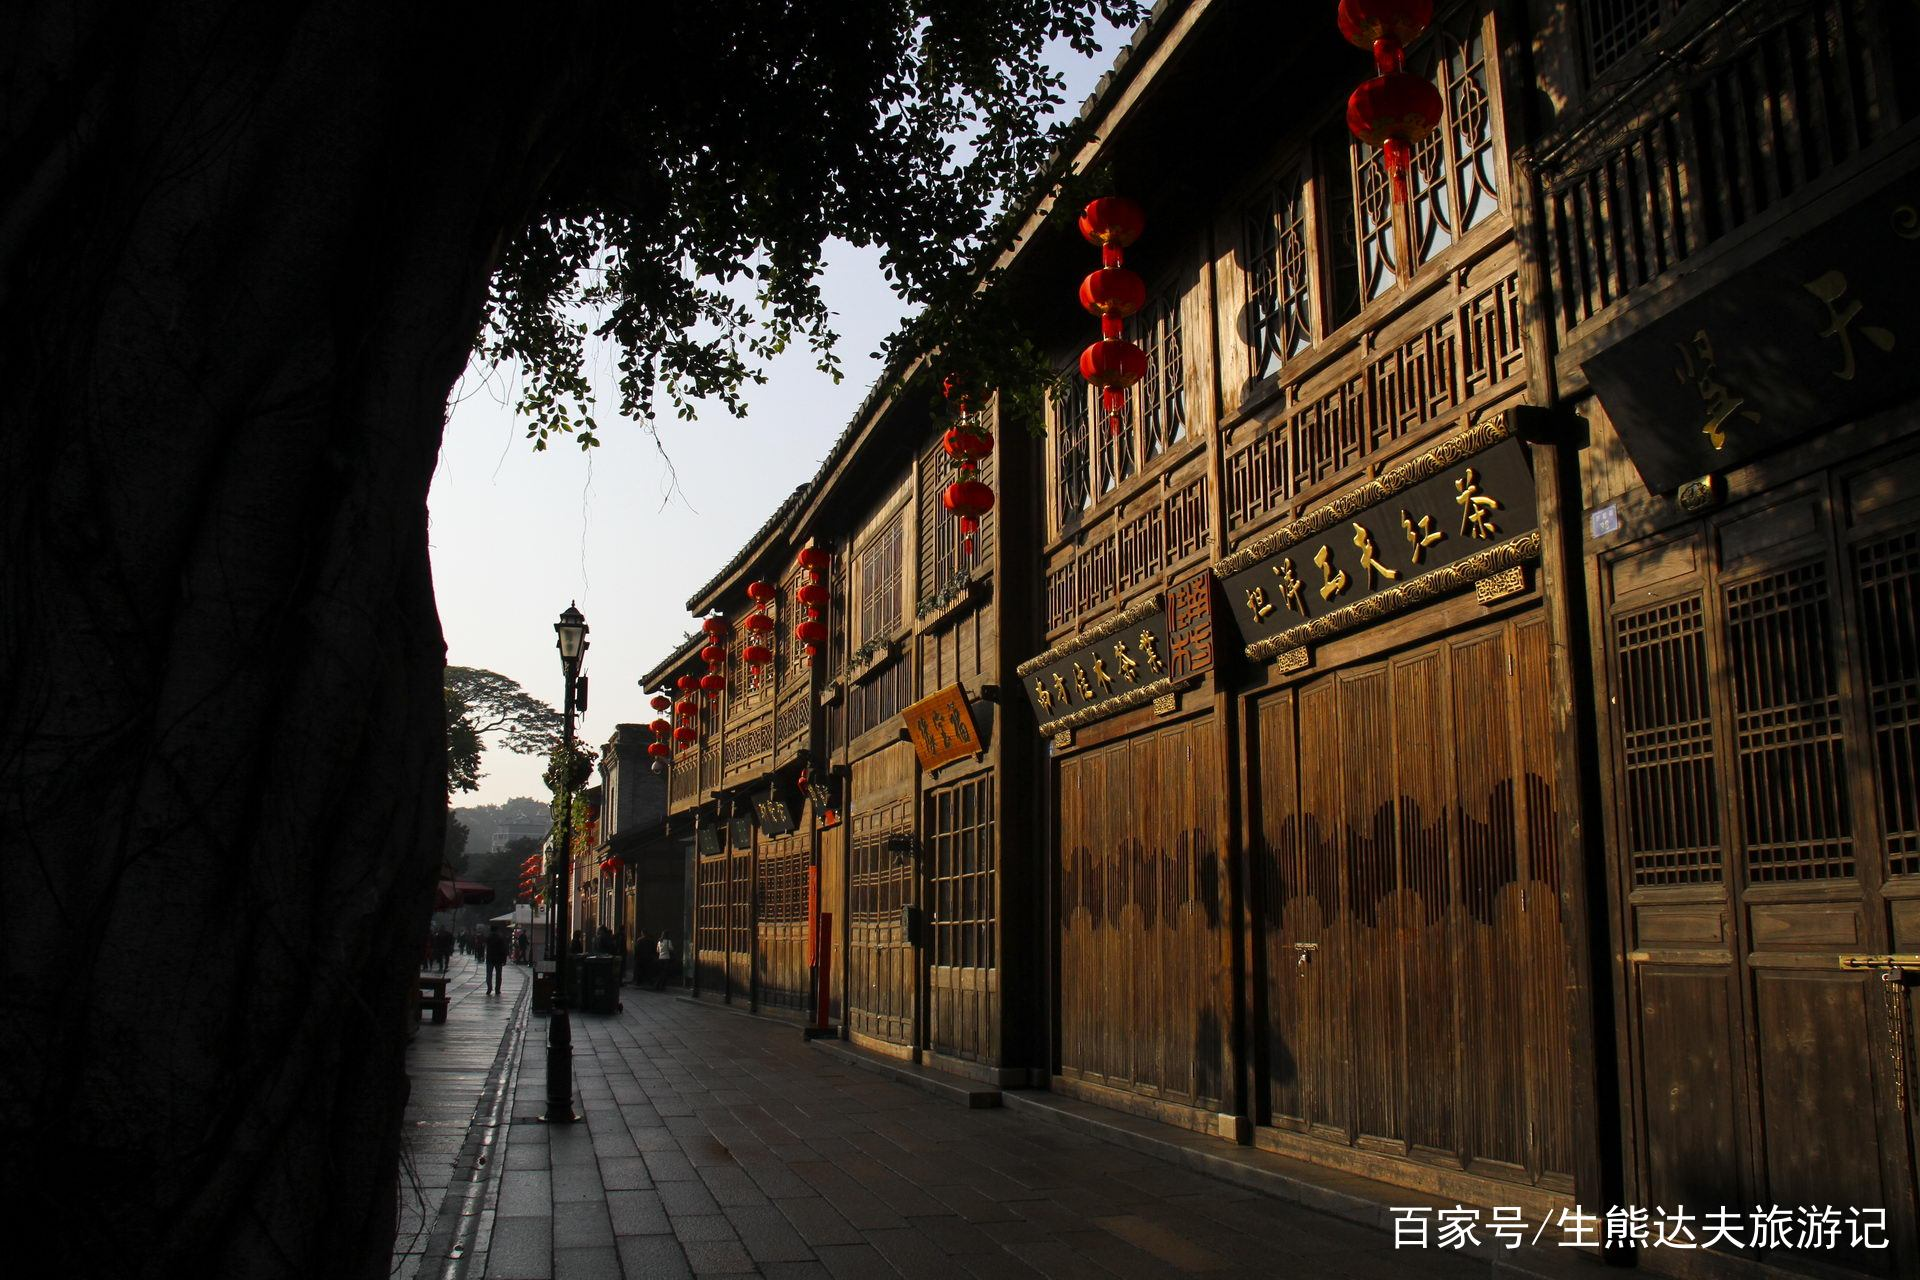 """福建这一景区,被誉为是""""中国明清建筑博物馆"""",是5A景点还免费"""